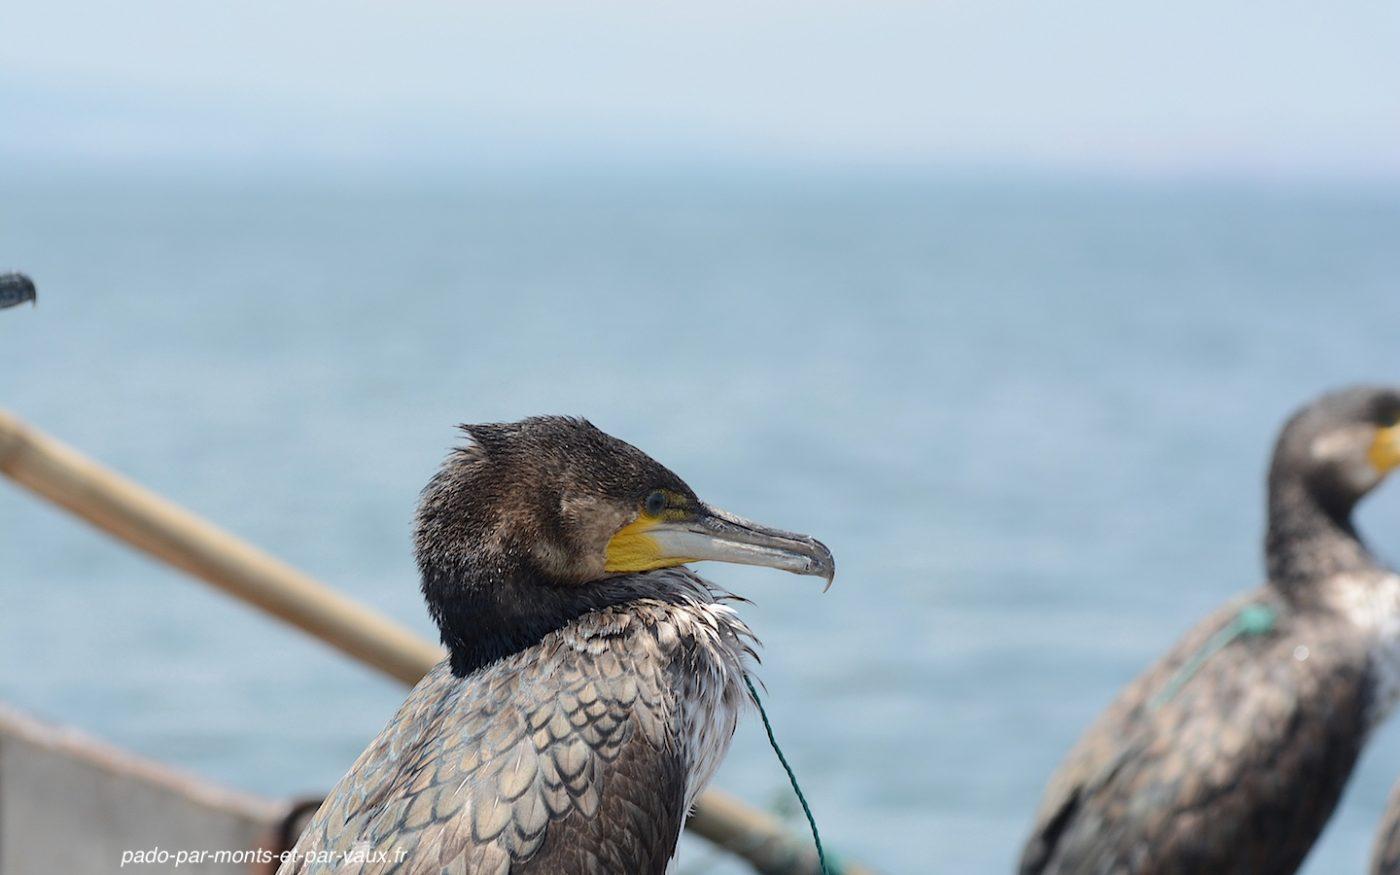 Pêche au cormoran sur le lac Erhai